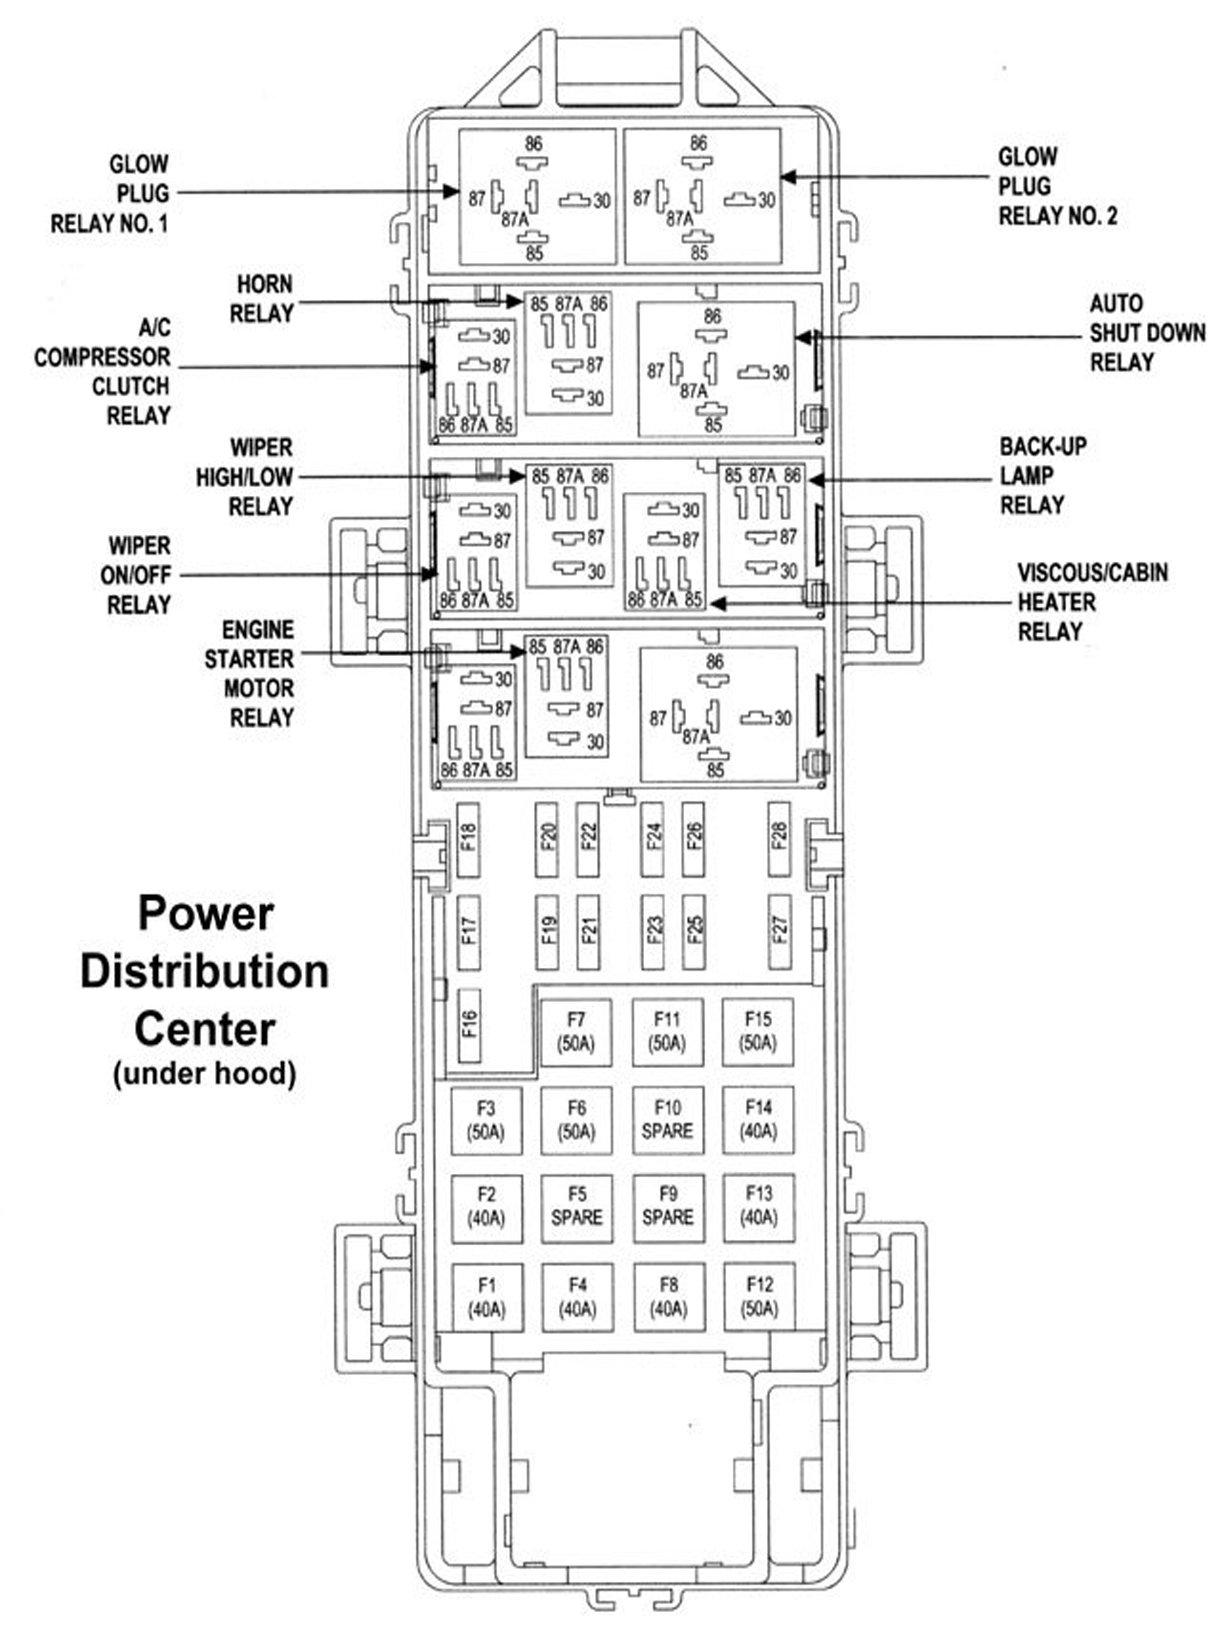 99 jeep wrangler fuse diagram ds 0047  2004 jeep wrangler fuse box diagram 2016 jeep grand  2004 jeep wrangler fuse box diagram